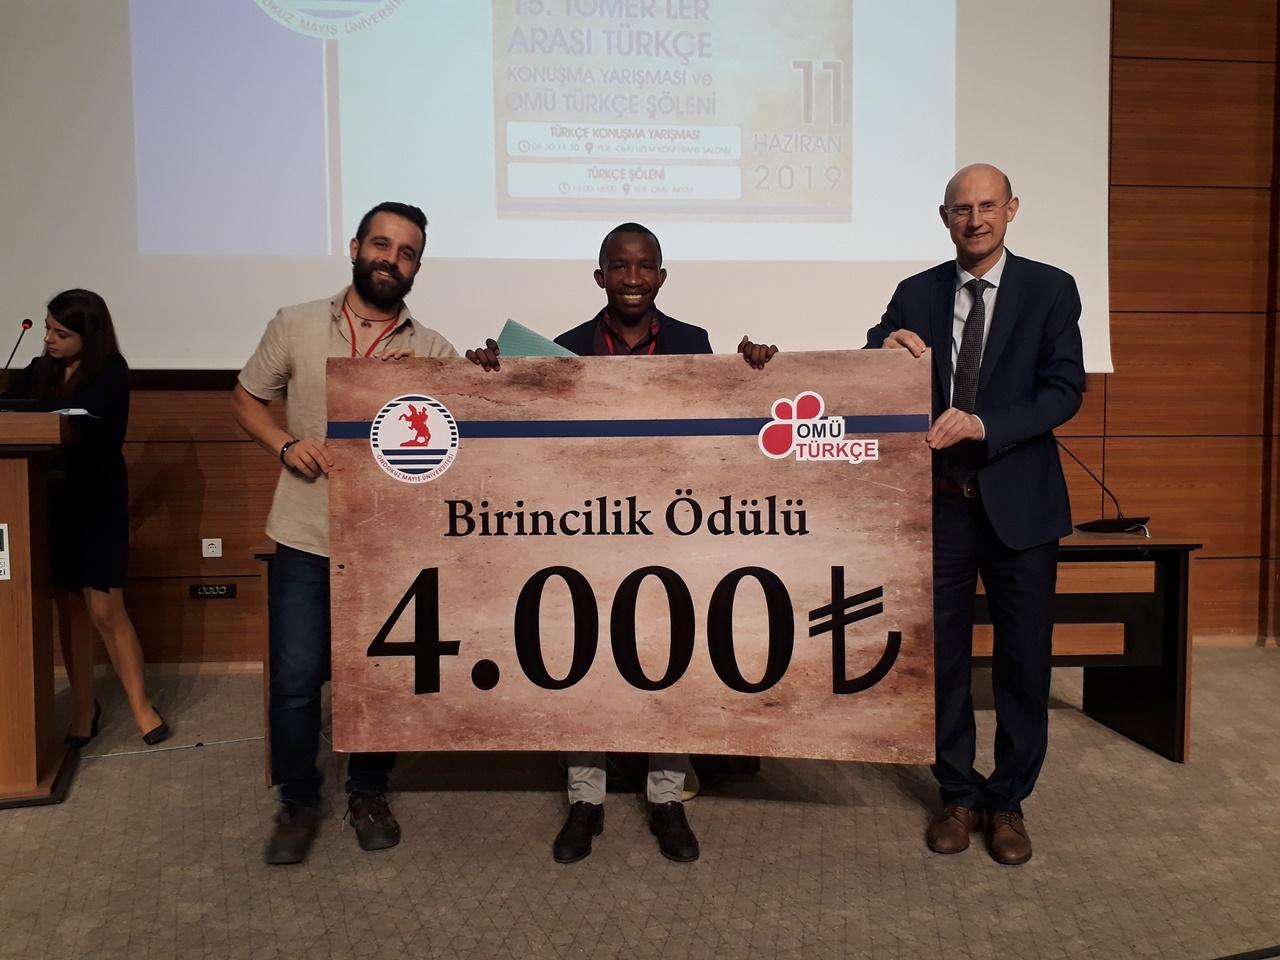 http://www.omu.edu.tr/sites/default/files/files/uluslararasi_ogrenciler_turkcelerini_yaristirdi_/omu_turkce_konusma_yarismasi_278.jpg